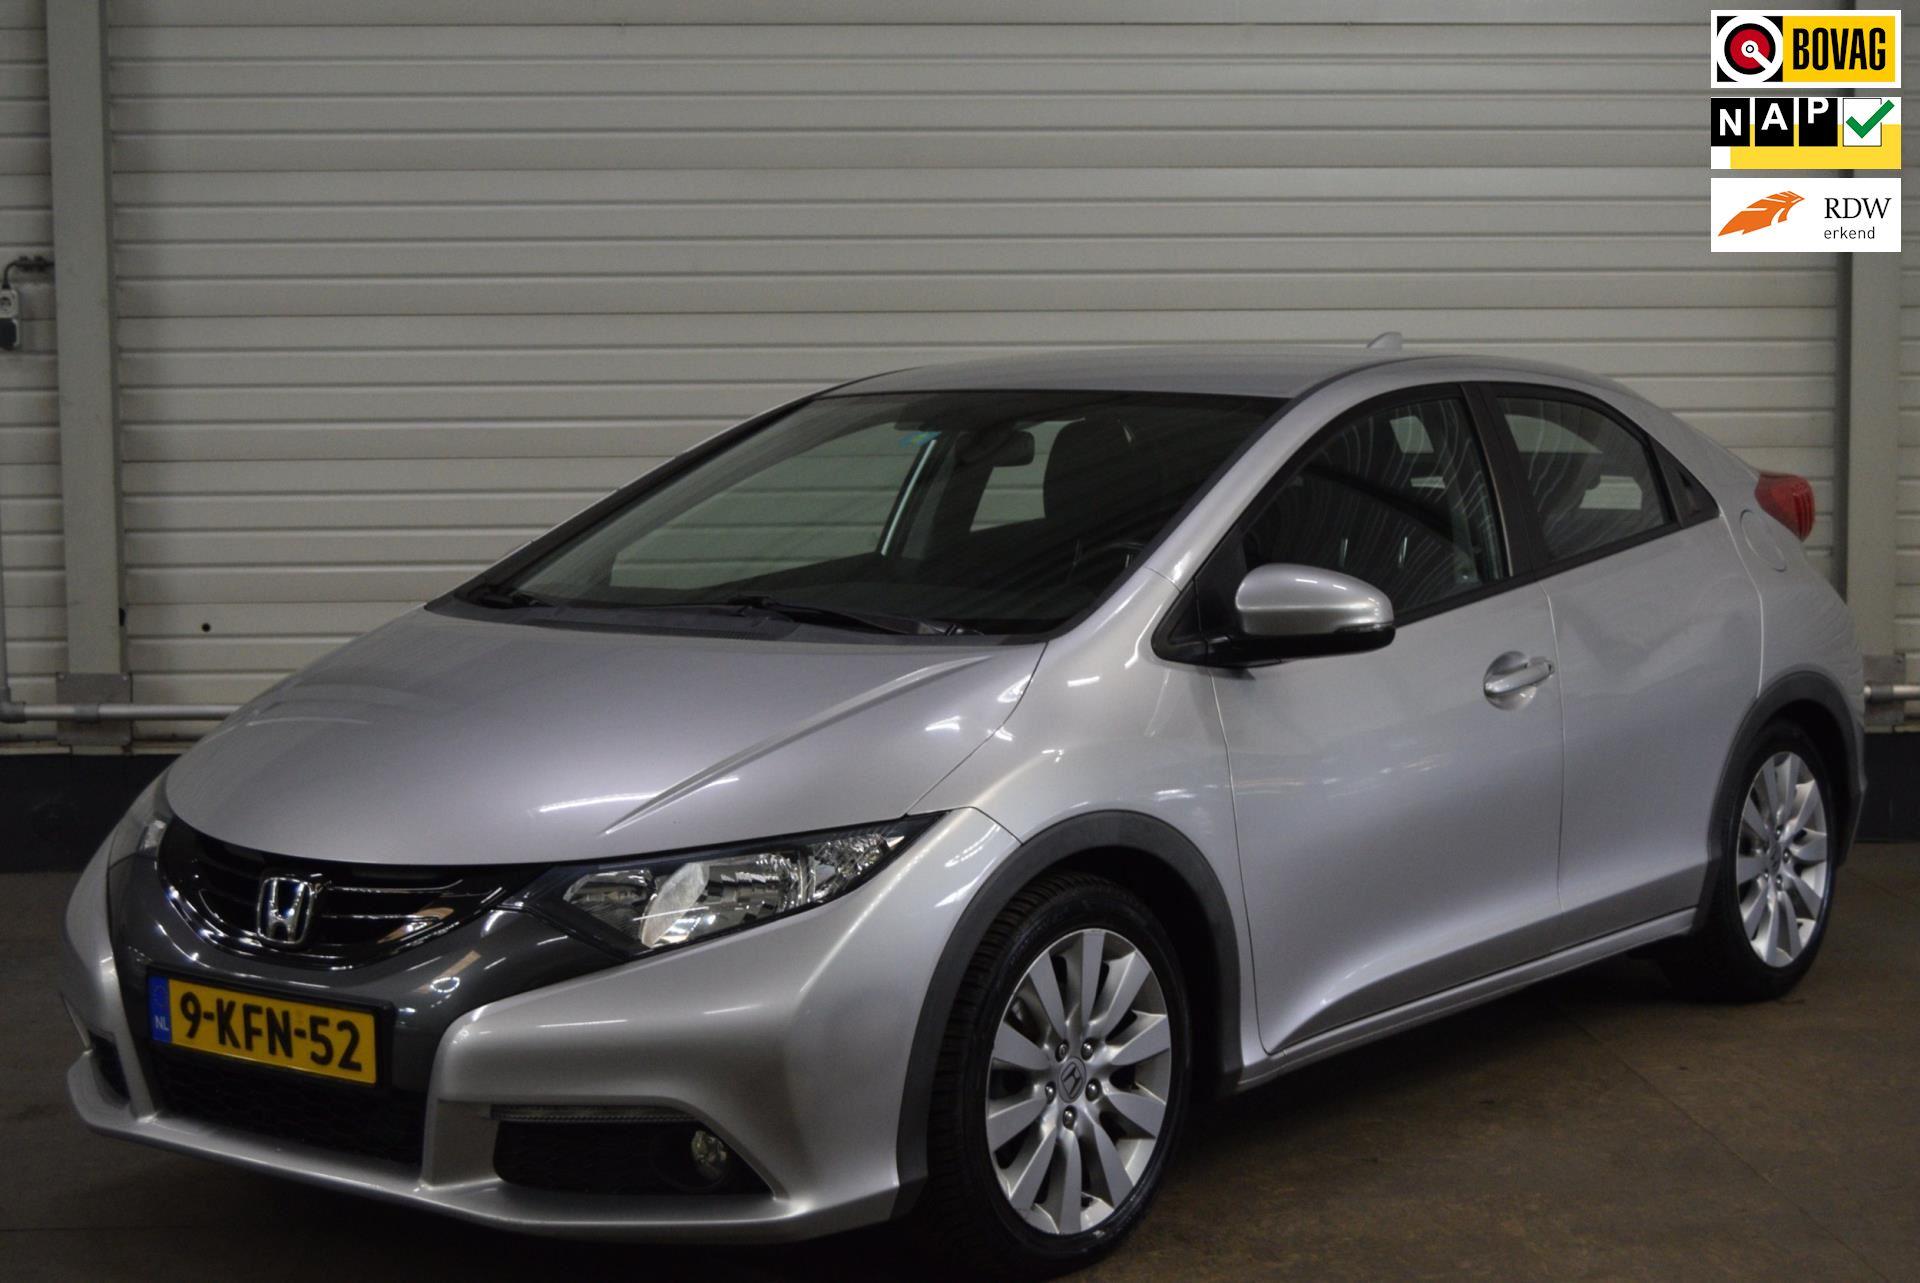 Honda Civic occasion - Autobedrijf van de Werken bv